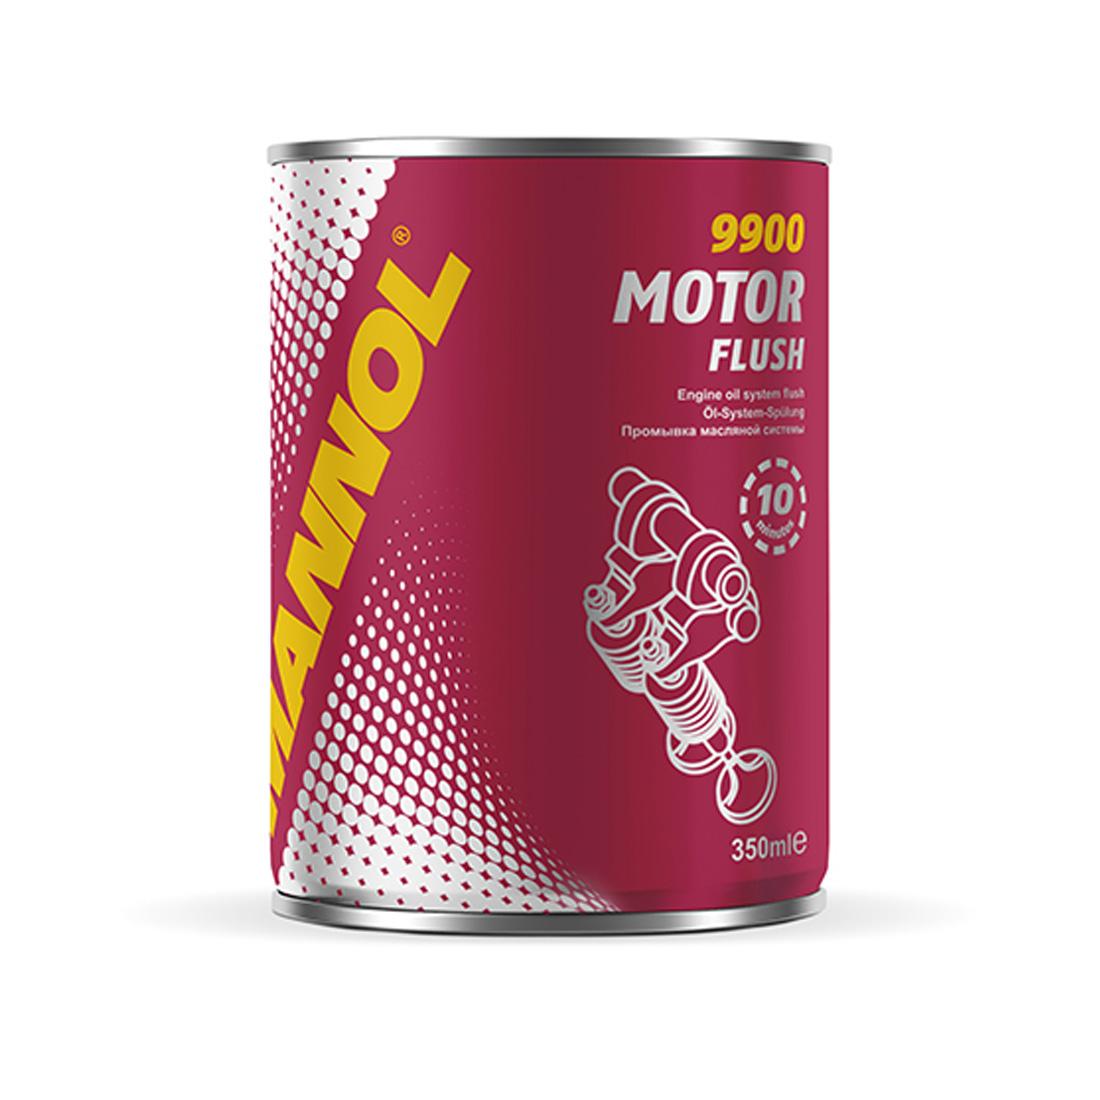 MANNOL Motor Doctor Öl Additiv 9990 Oil Additiv 350ml Dose